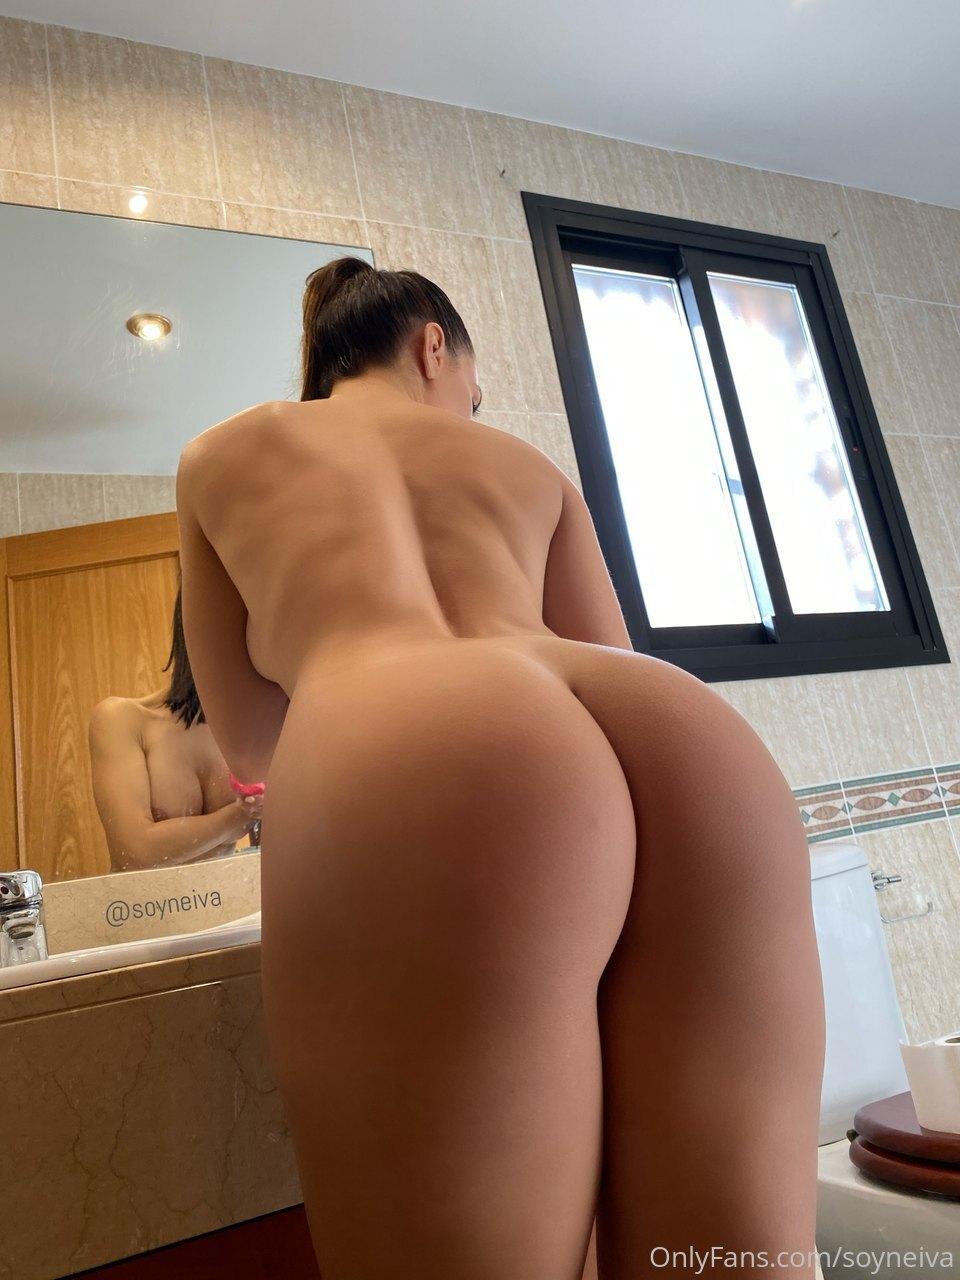 Neiva Mara Soyneiva Onlyfans Nudes Leaks 0014